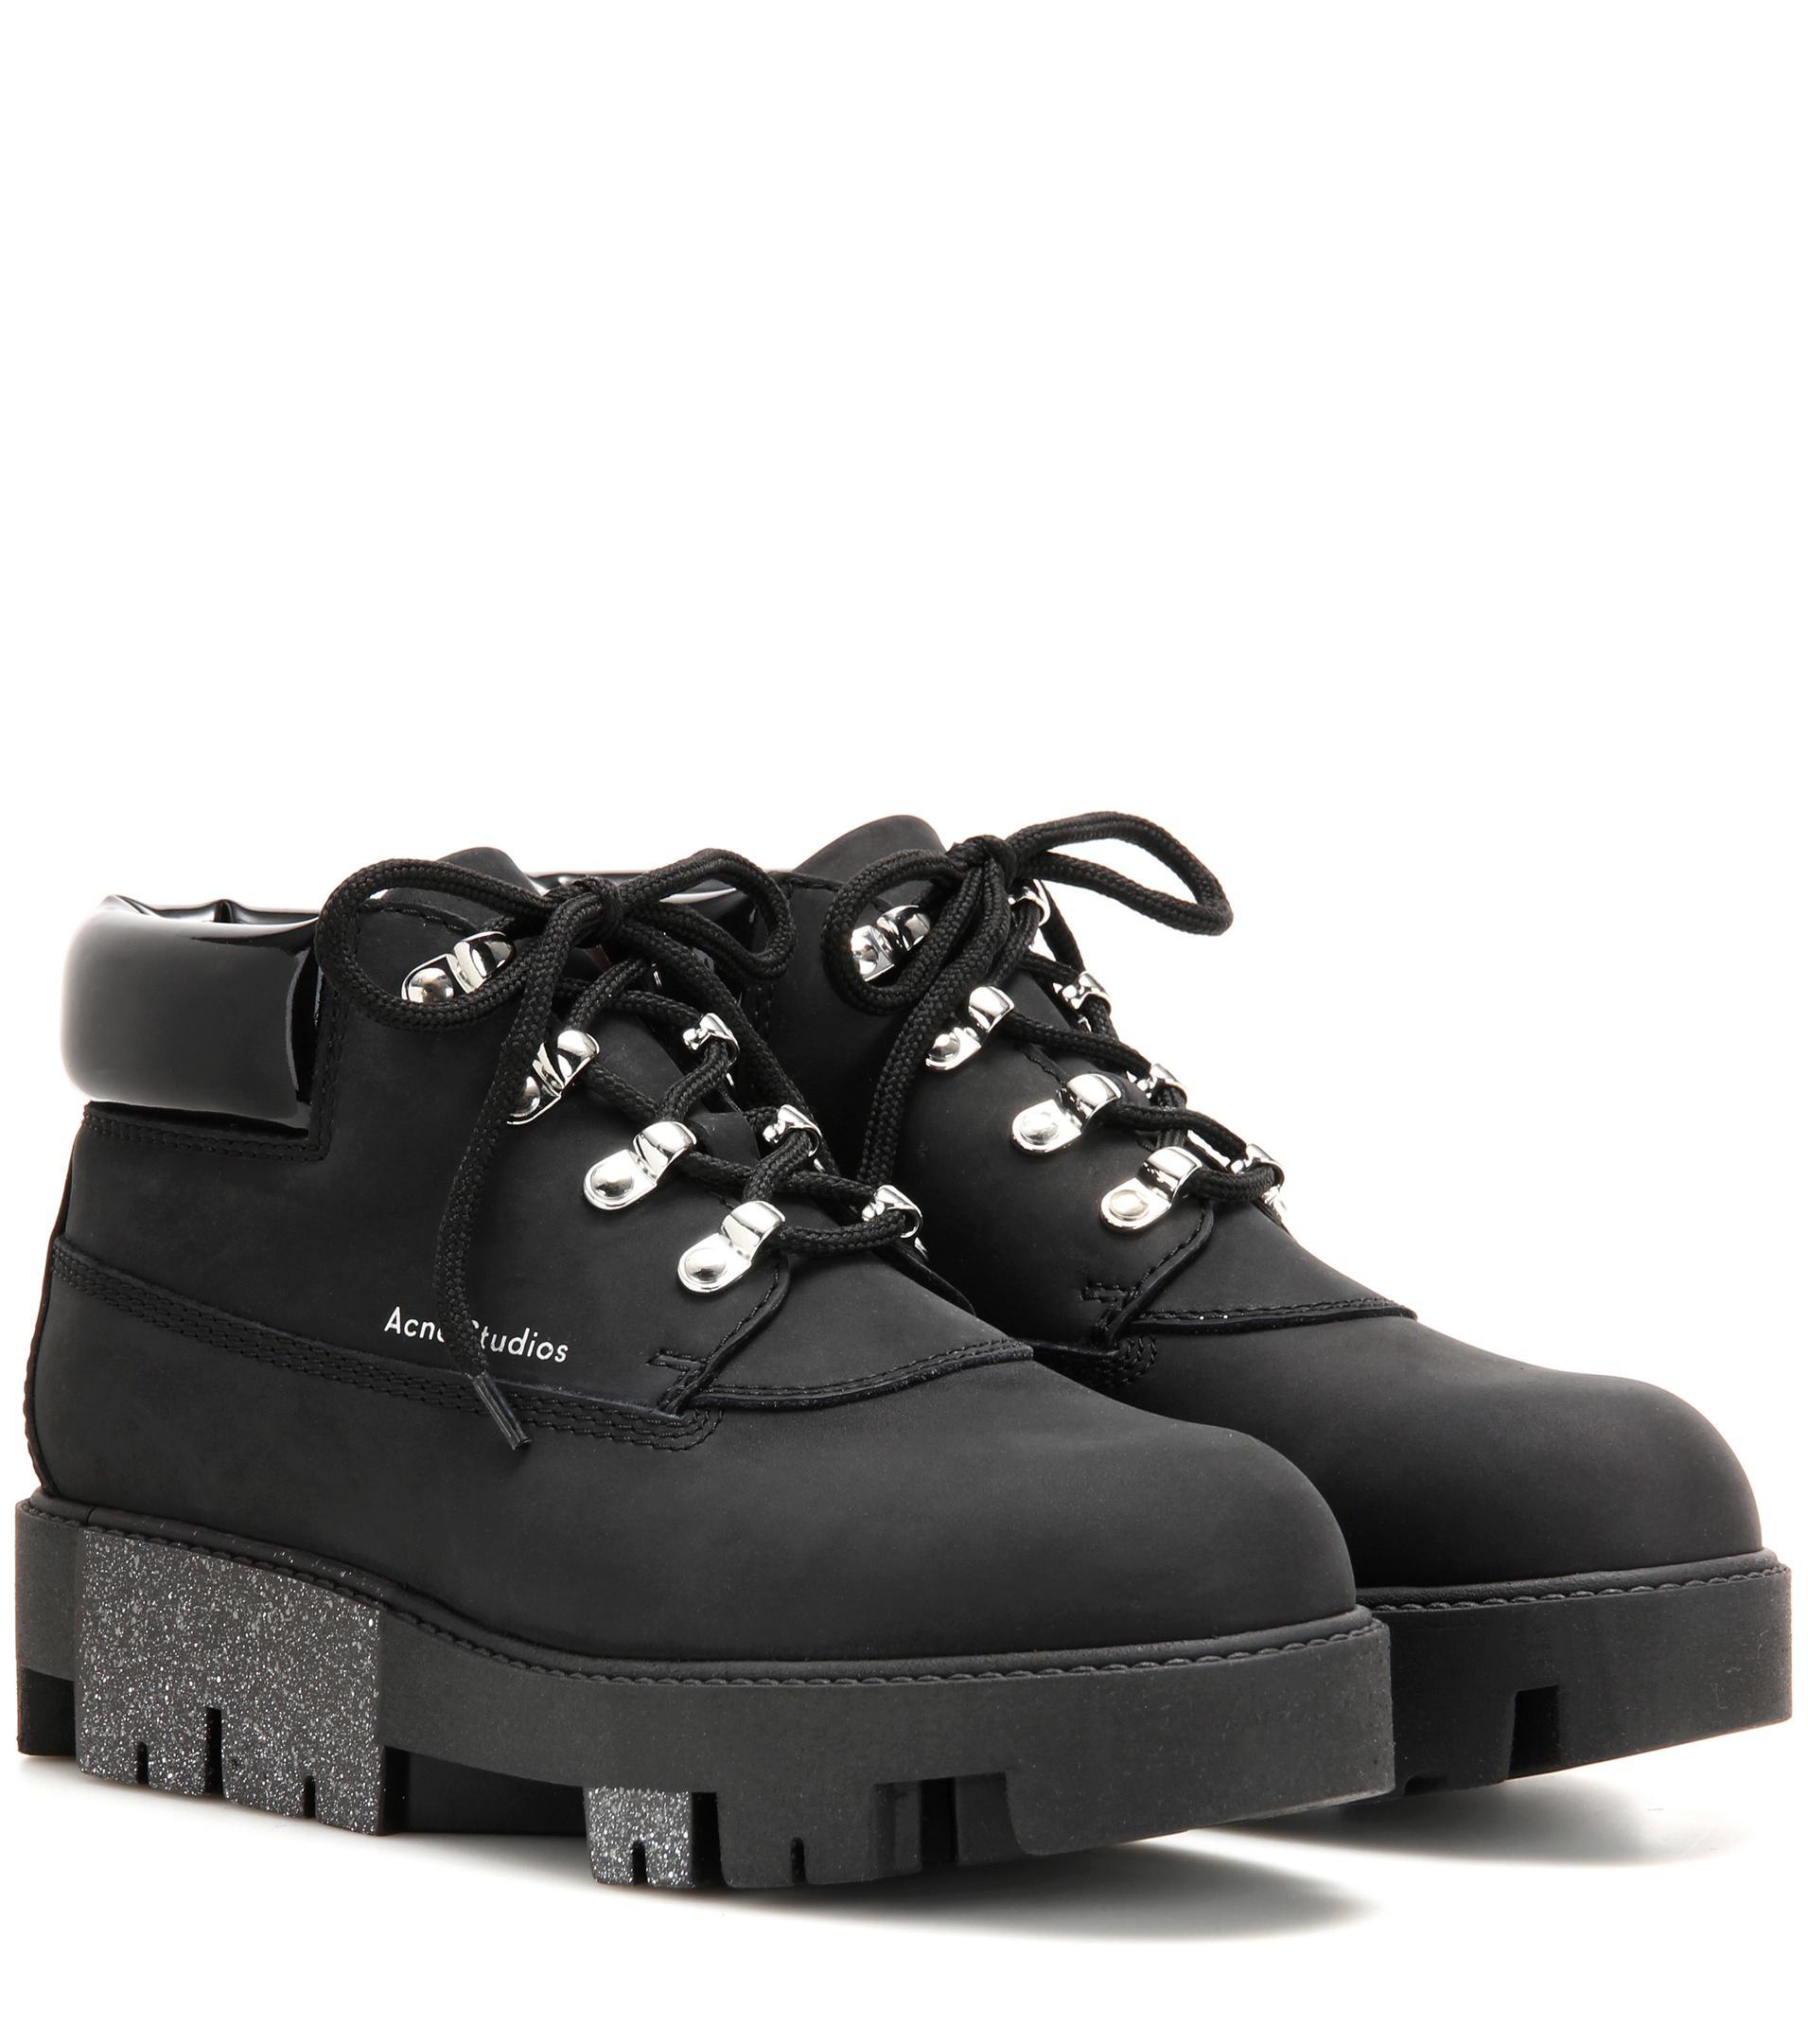 AcneTinne Hiking Boots 3hYJG0